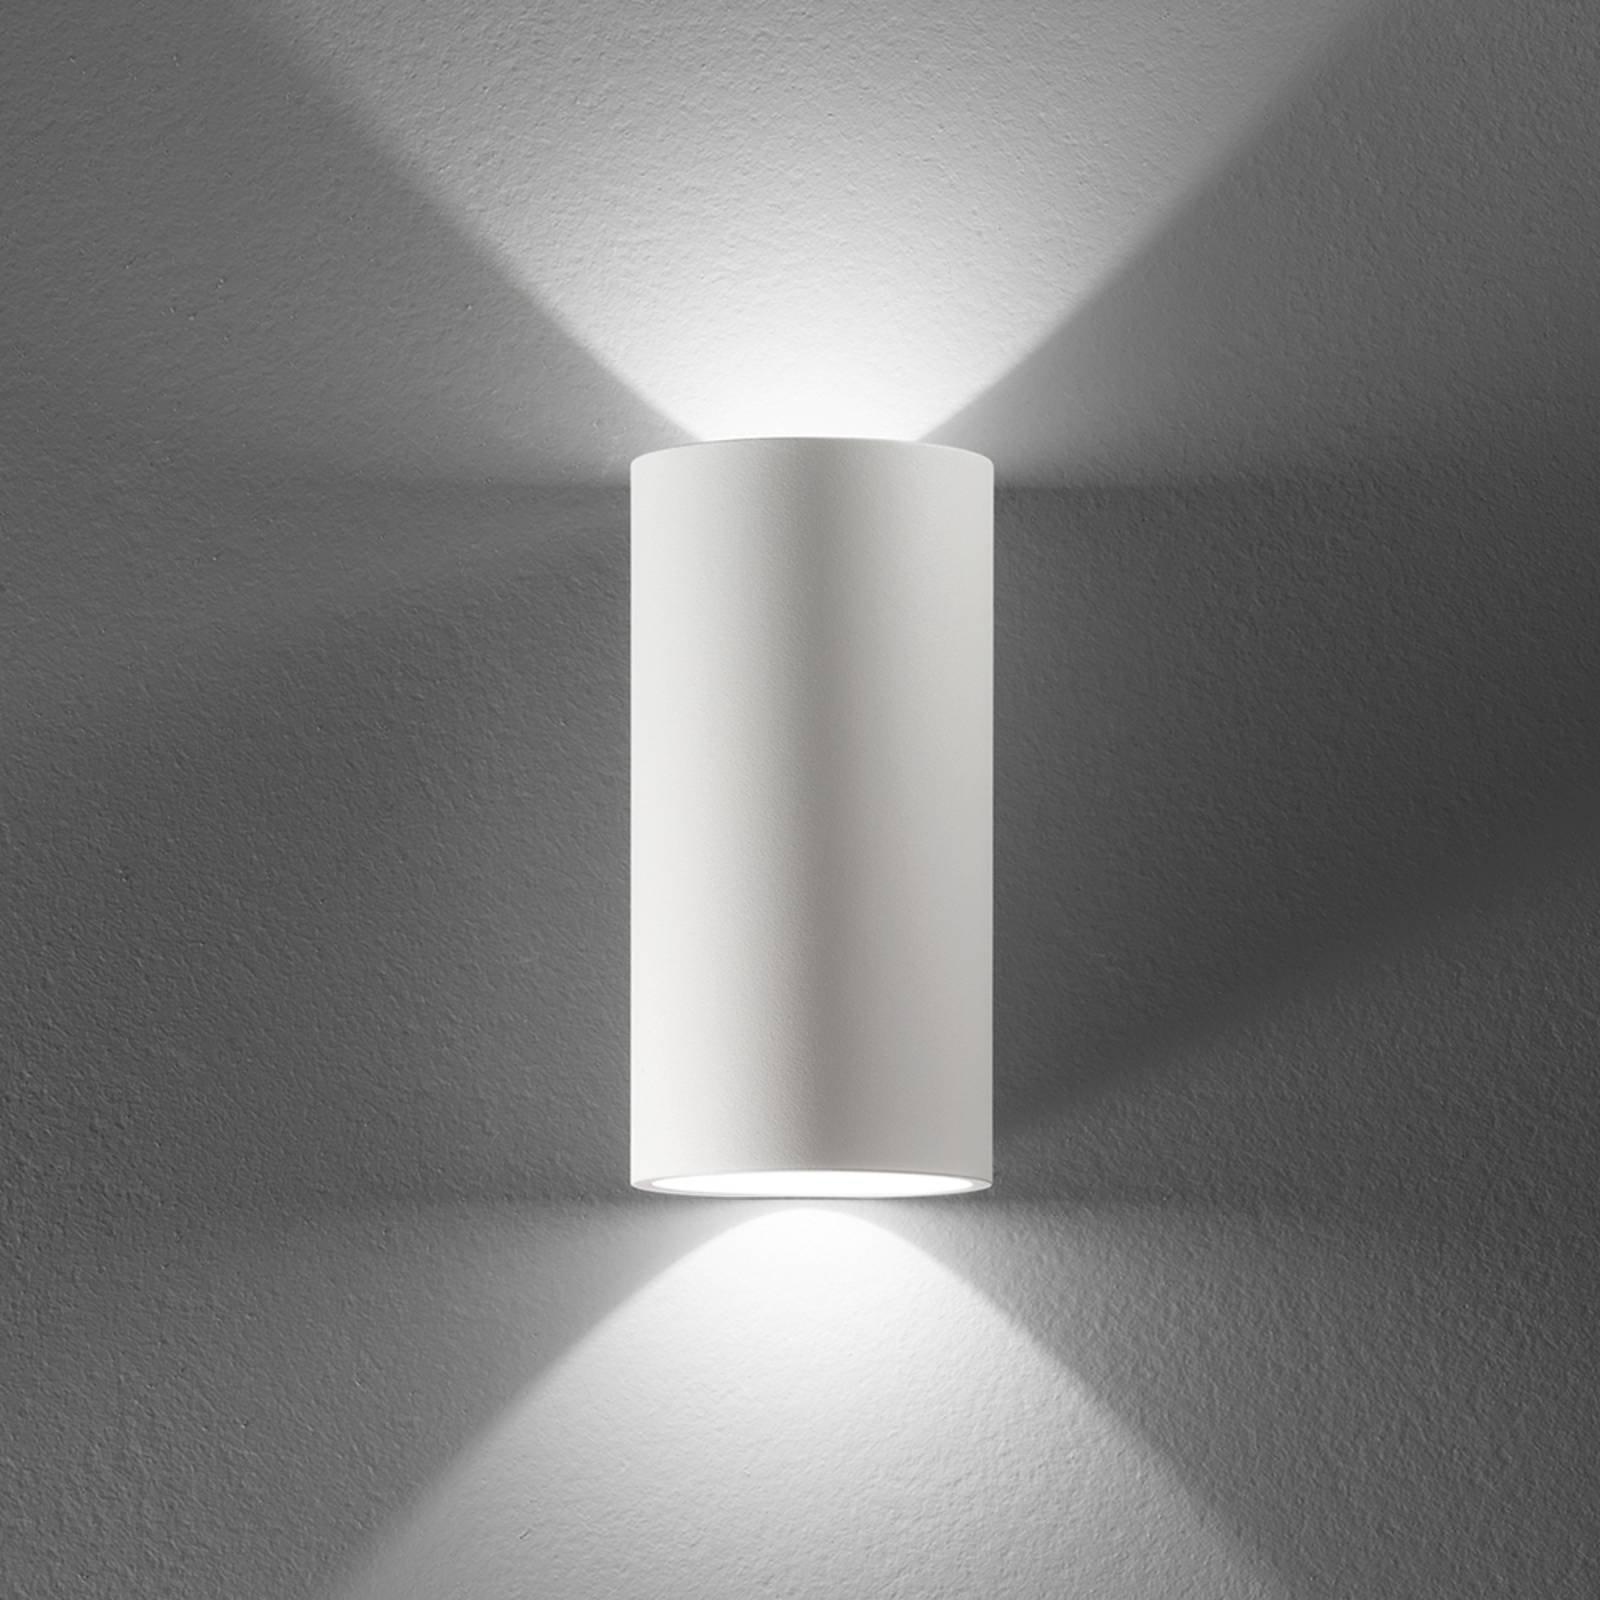 Tubo Utendørs LED-vegglampe med lys i to retninger